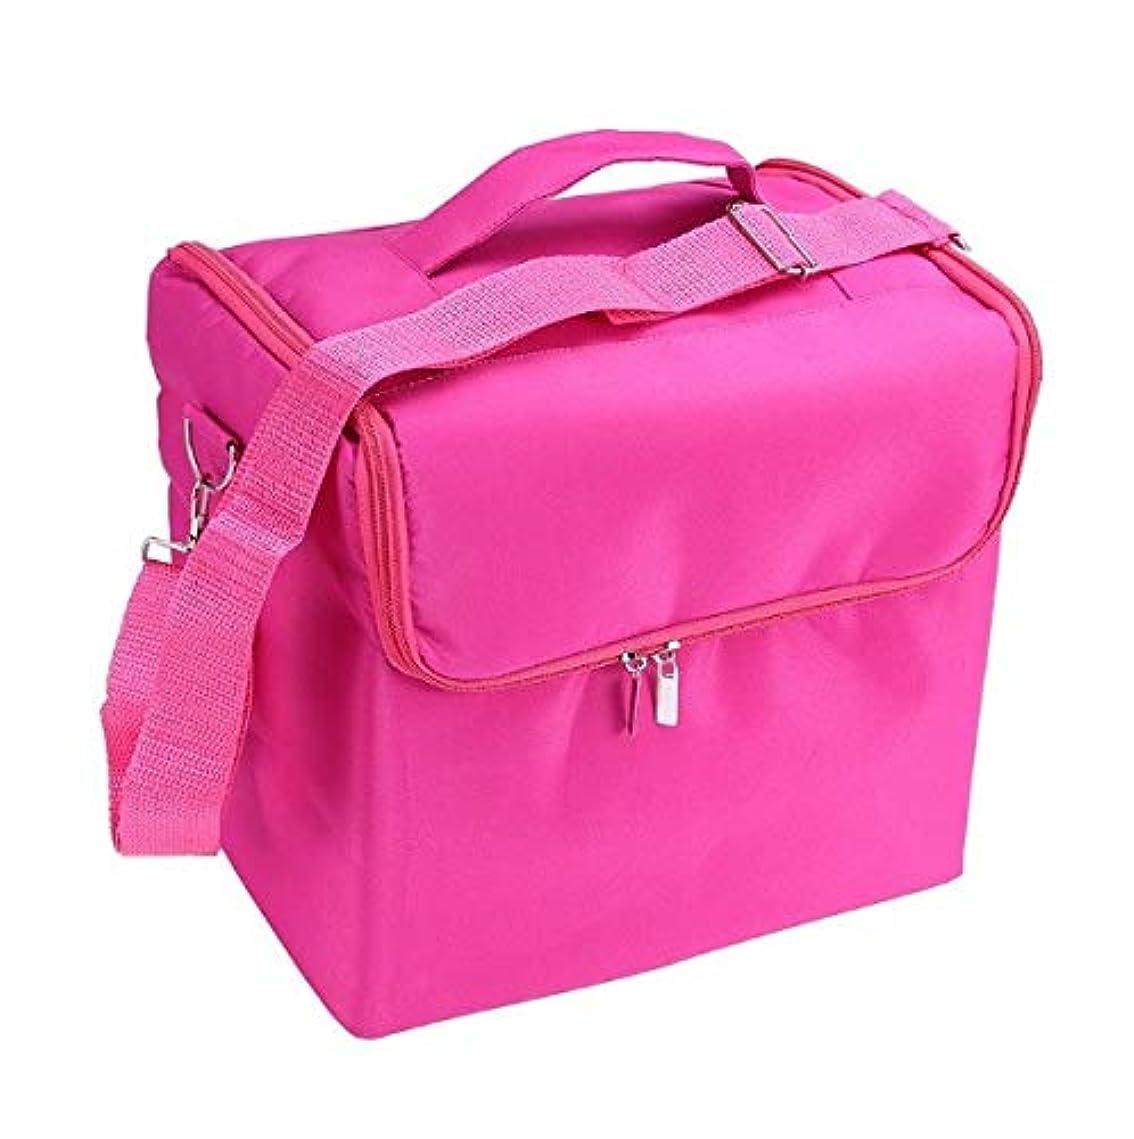 再生によって破壊する化粧品ケース、ローズレッド多層化粧品バッグ、ポータブル旅行多機能化粧品ケース、美容ネイルジュエリー収納ボックス